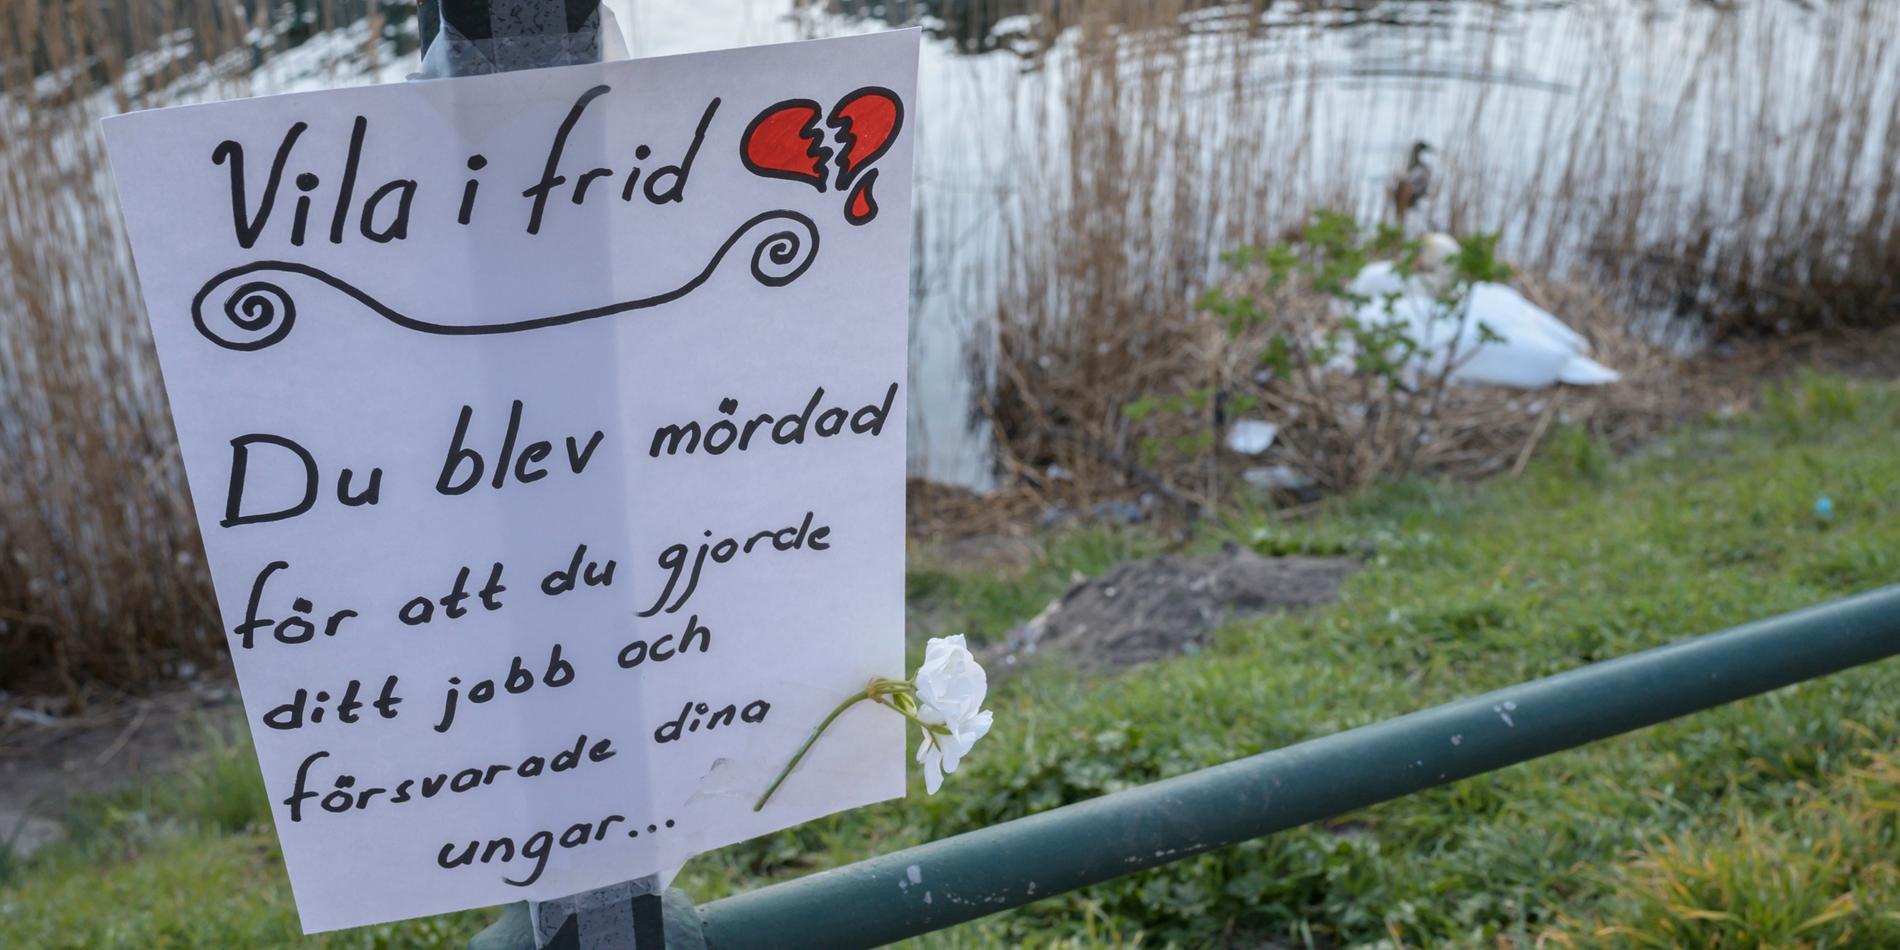 Reaktionen från allmänheten blev mycket kraftig efter beskedet att svanpappan i kanalen avlivats trots att paret ruvade och hade åtta ägg.